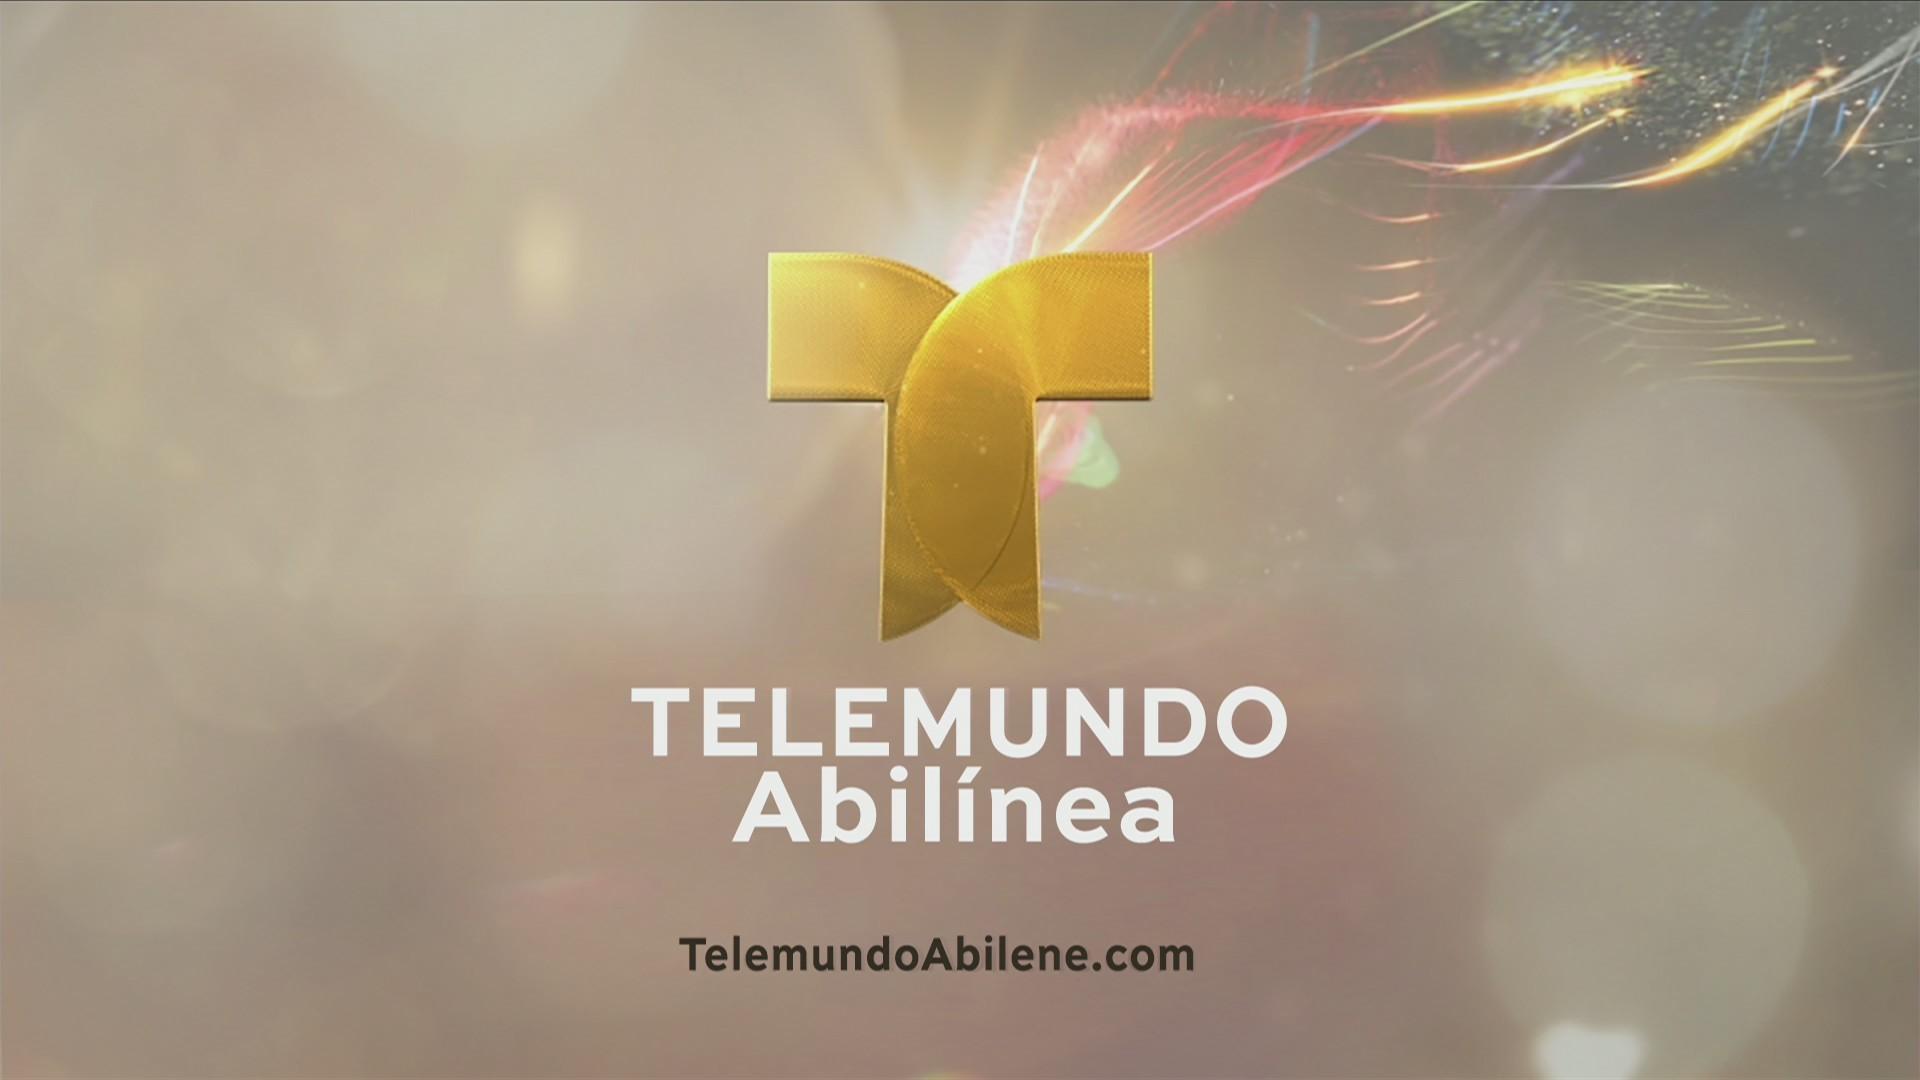 Telemundo Abilínea - 17 de abril, 2019